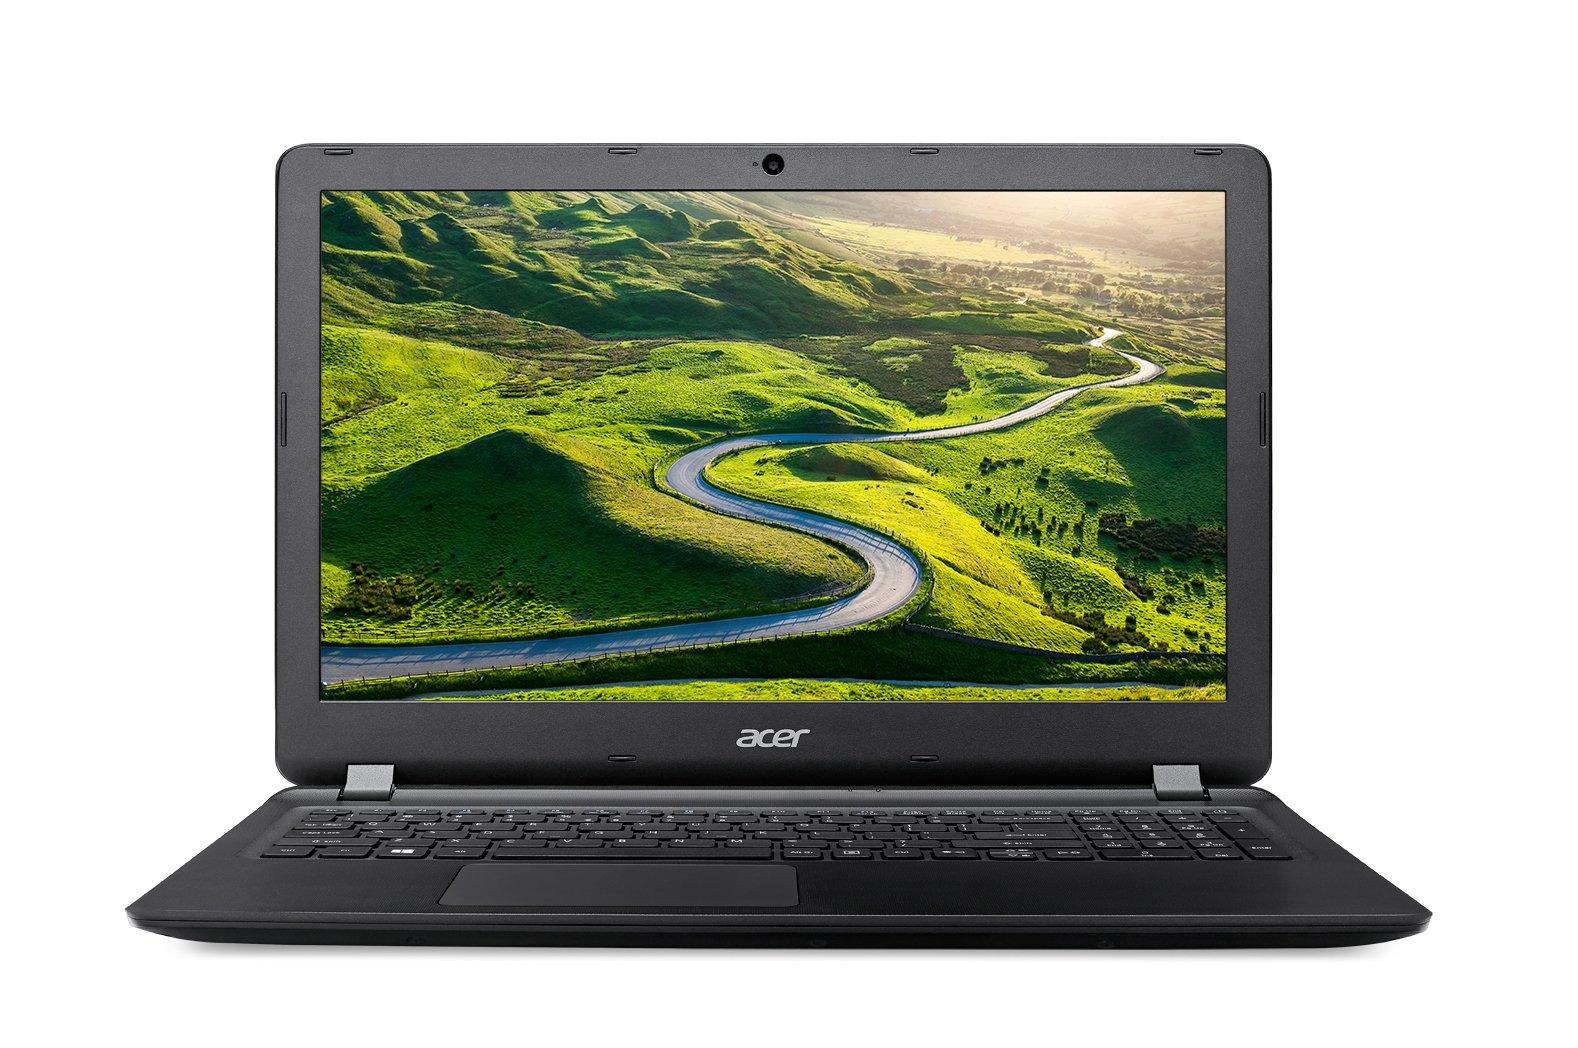 Acer Aspire ES 15 15,6/N3350/4G/128SSD/W10 černý